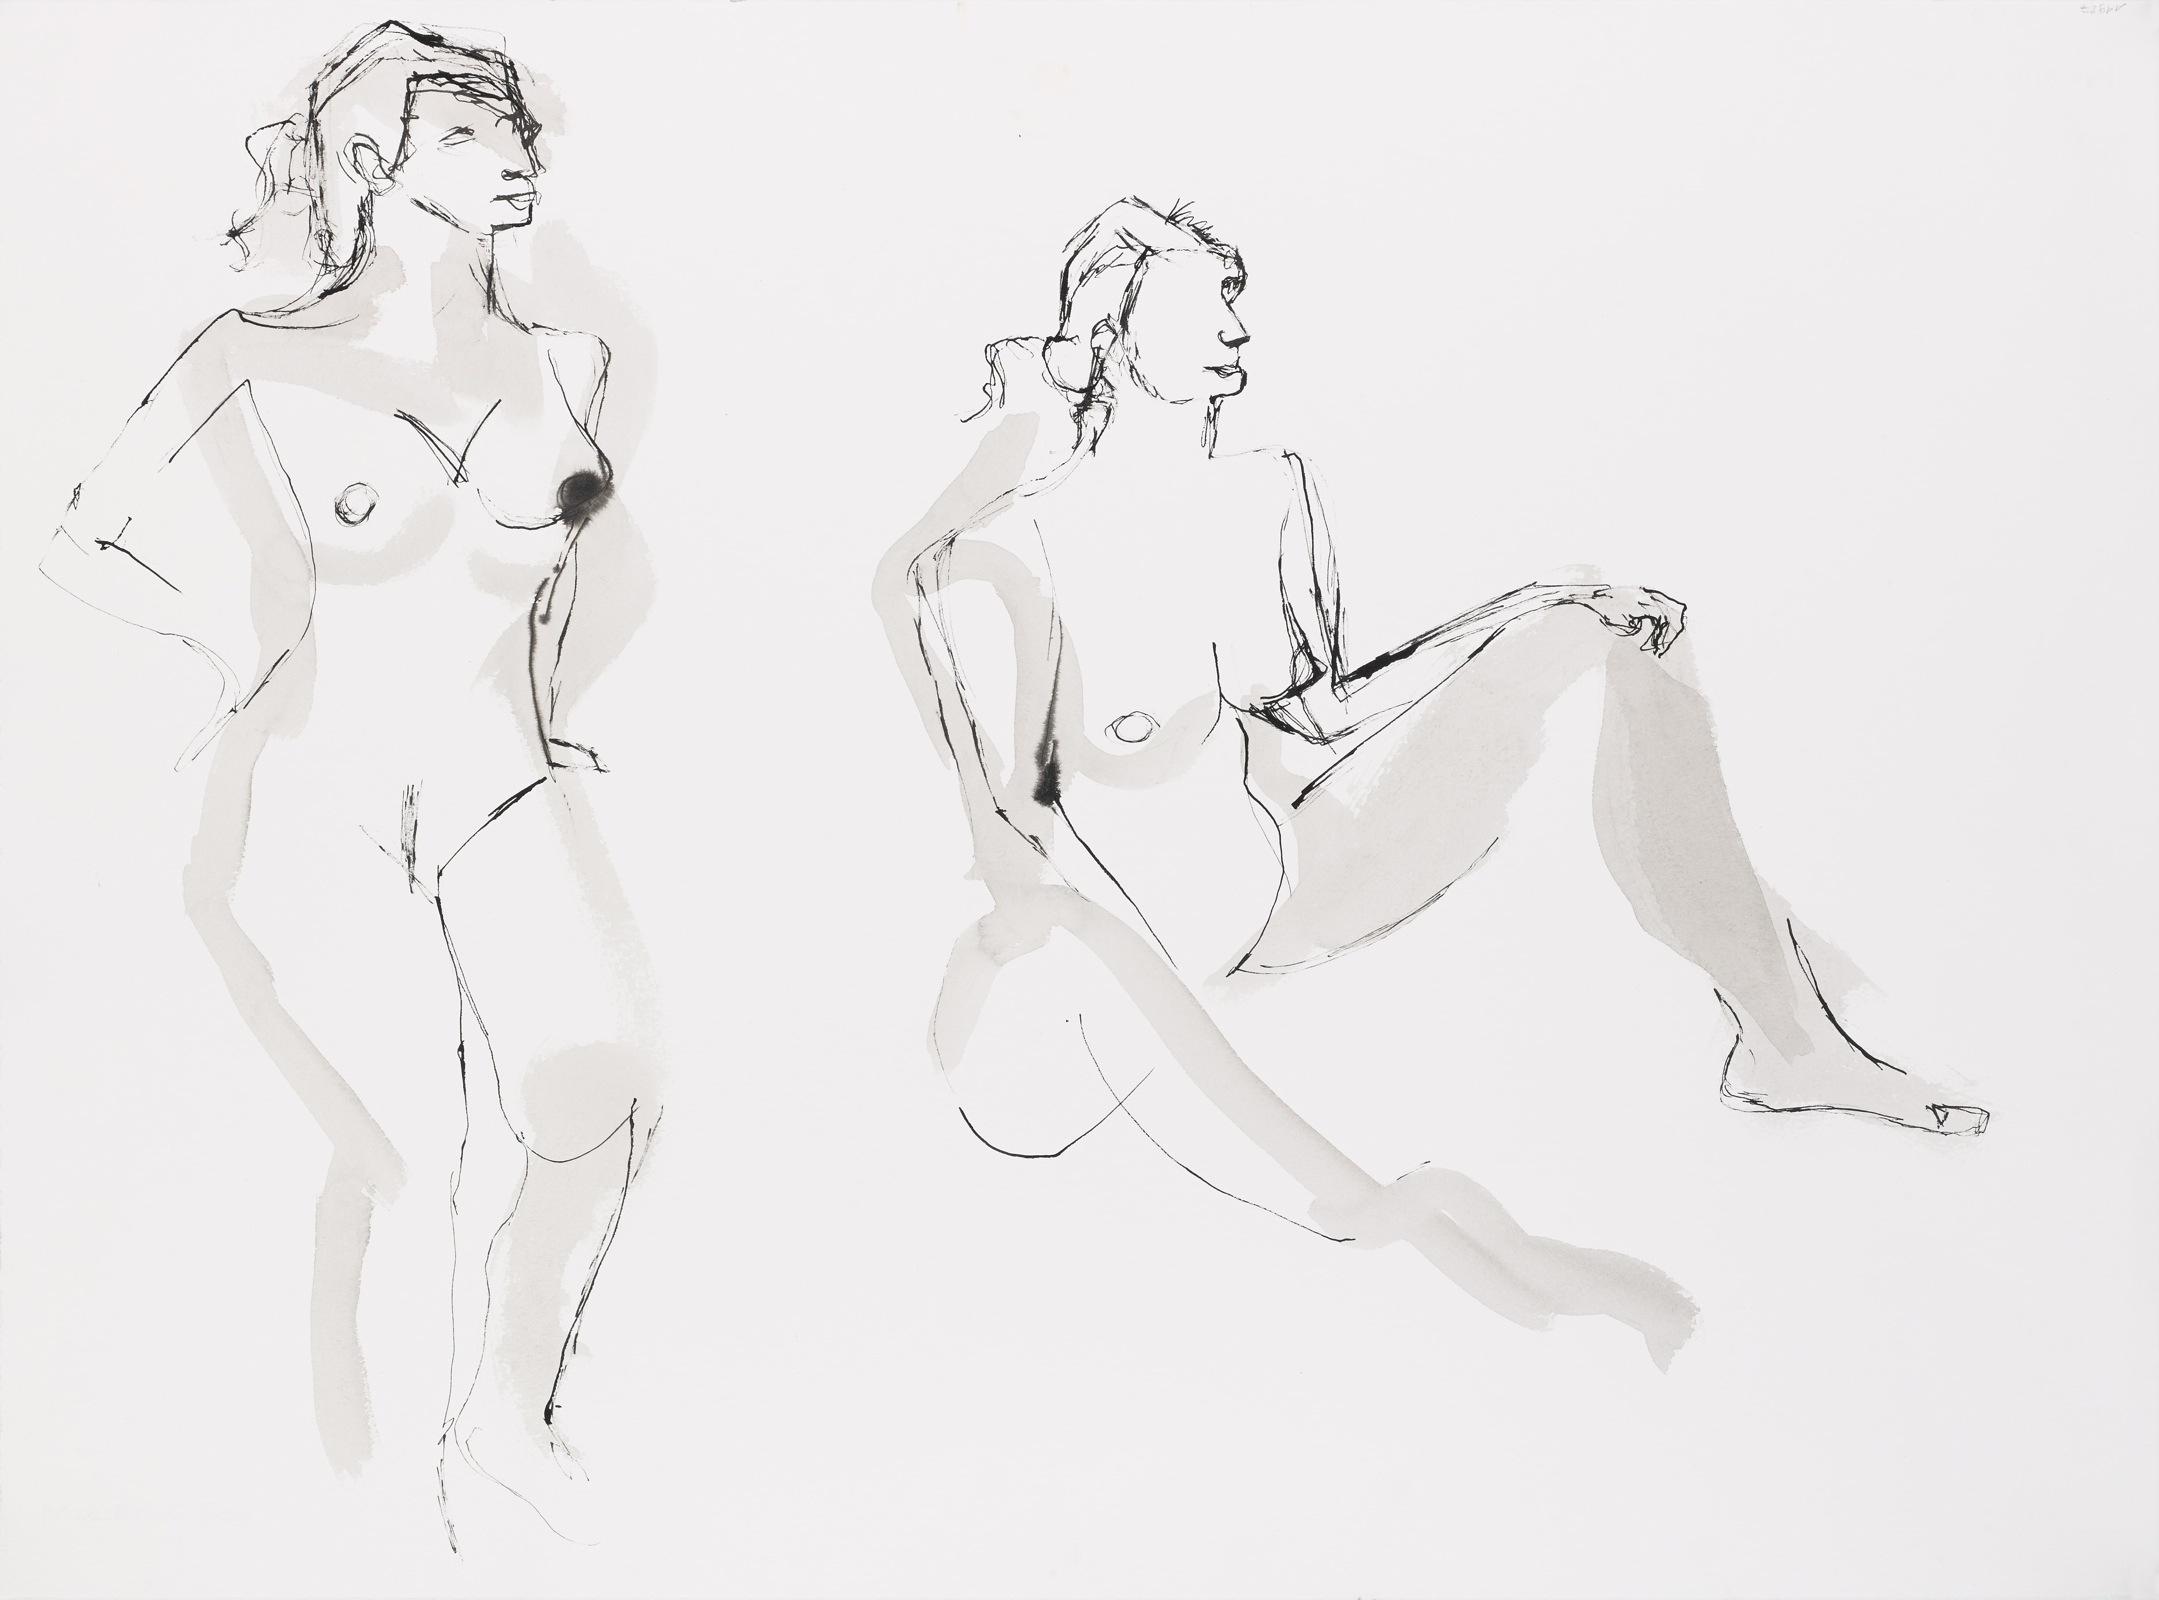 Dessin, Encre de chine avec lavis : Etude de femme